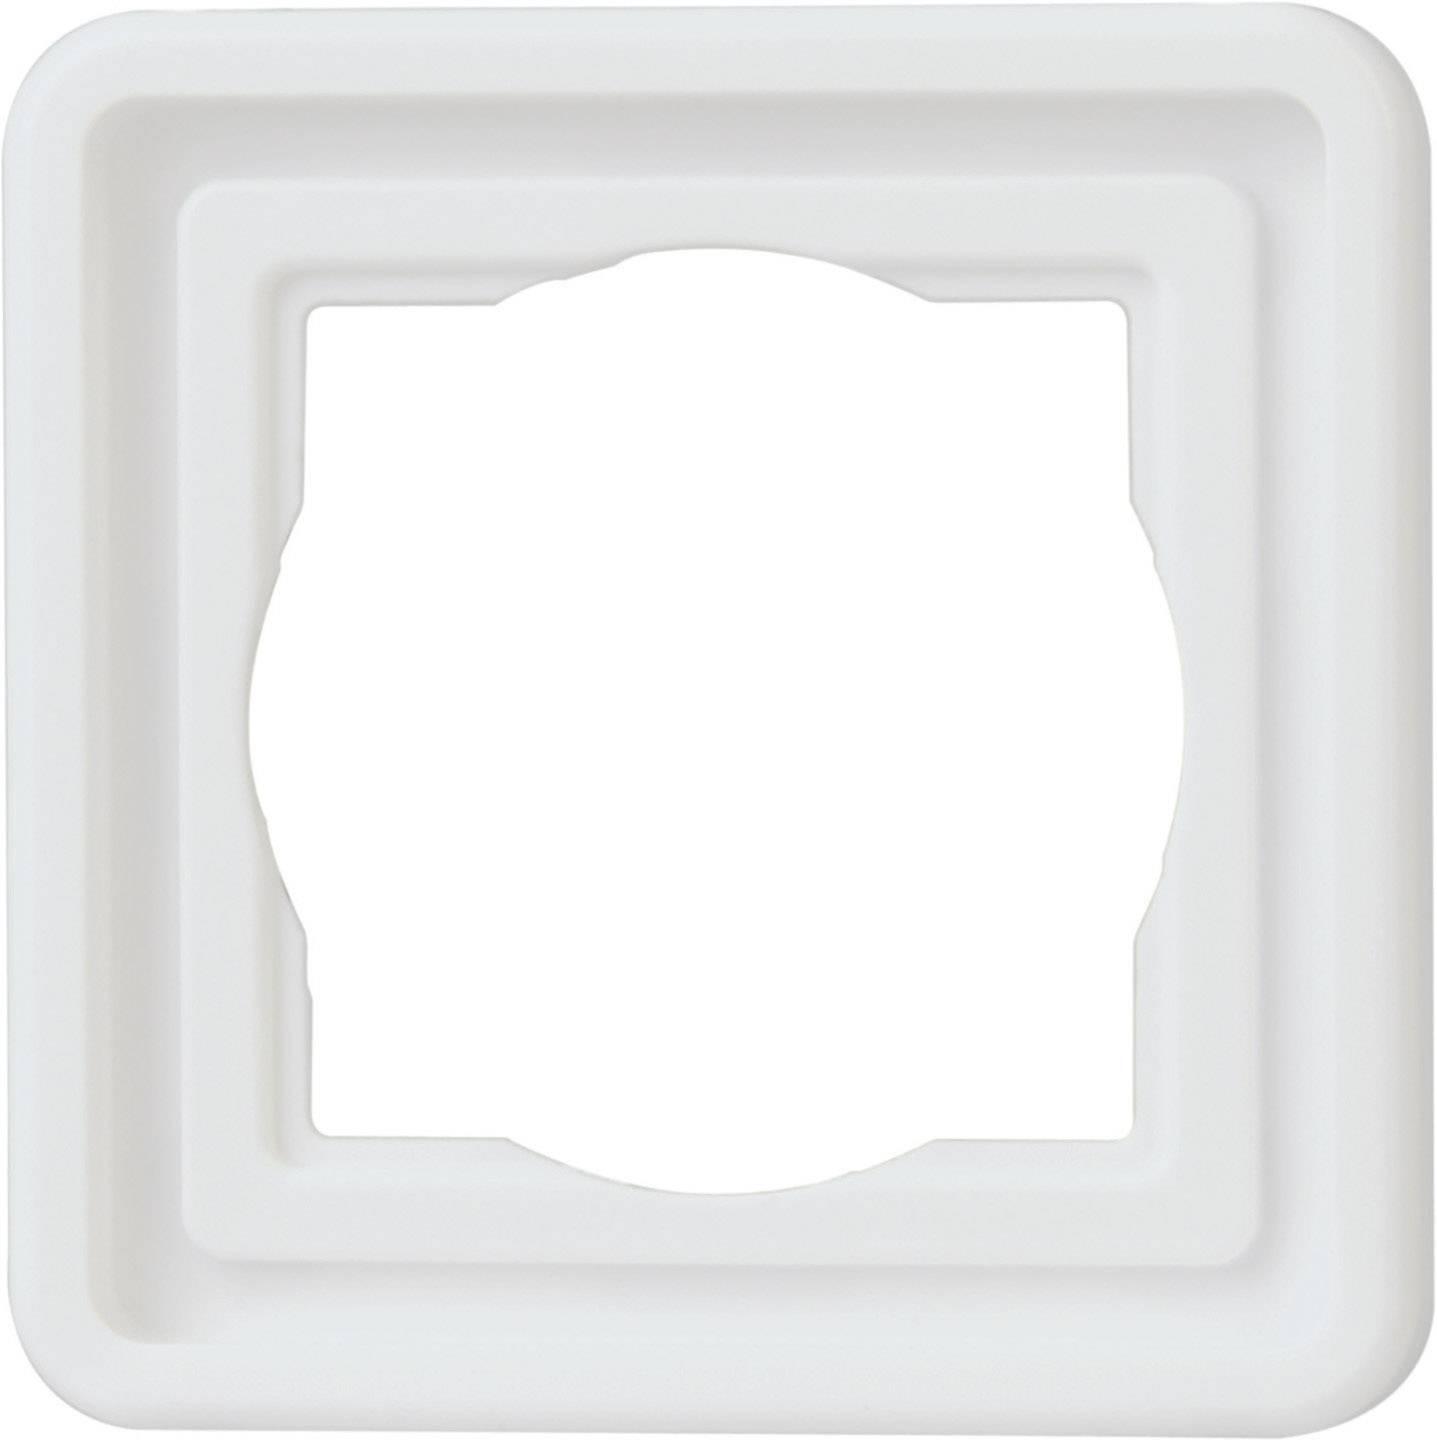 Jednoduchý rámček pre sieťovú zásuvku Arktis 302302071, biela